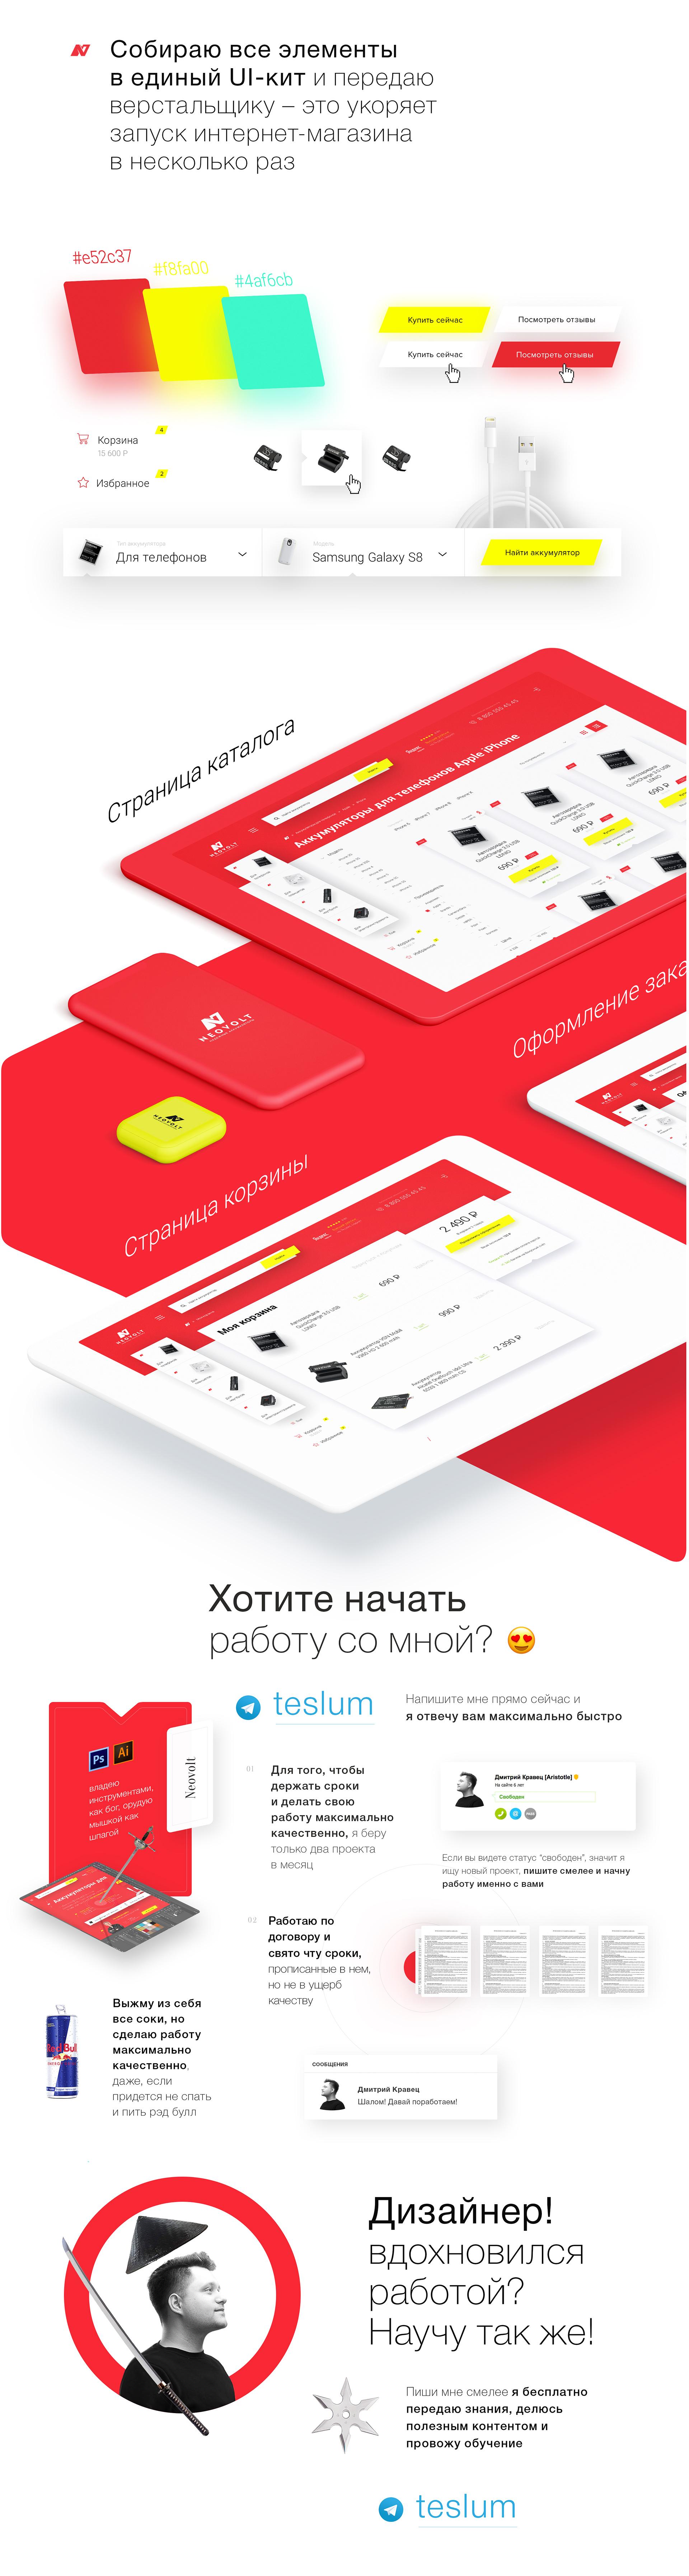 Neovolt – кейс по разработке дизайна интернет-магазина аккумуляторов по канонам современного маркетинга